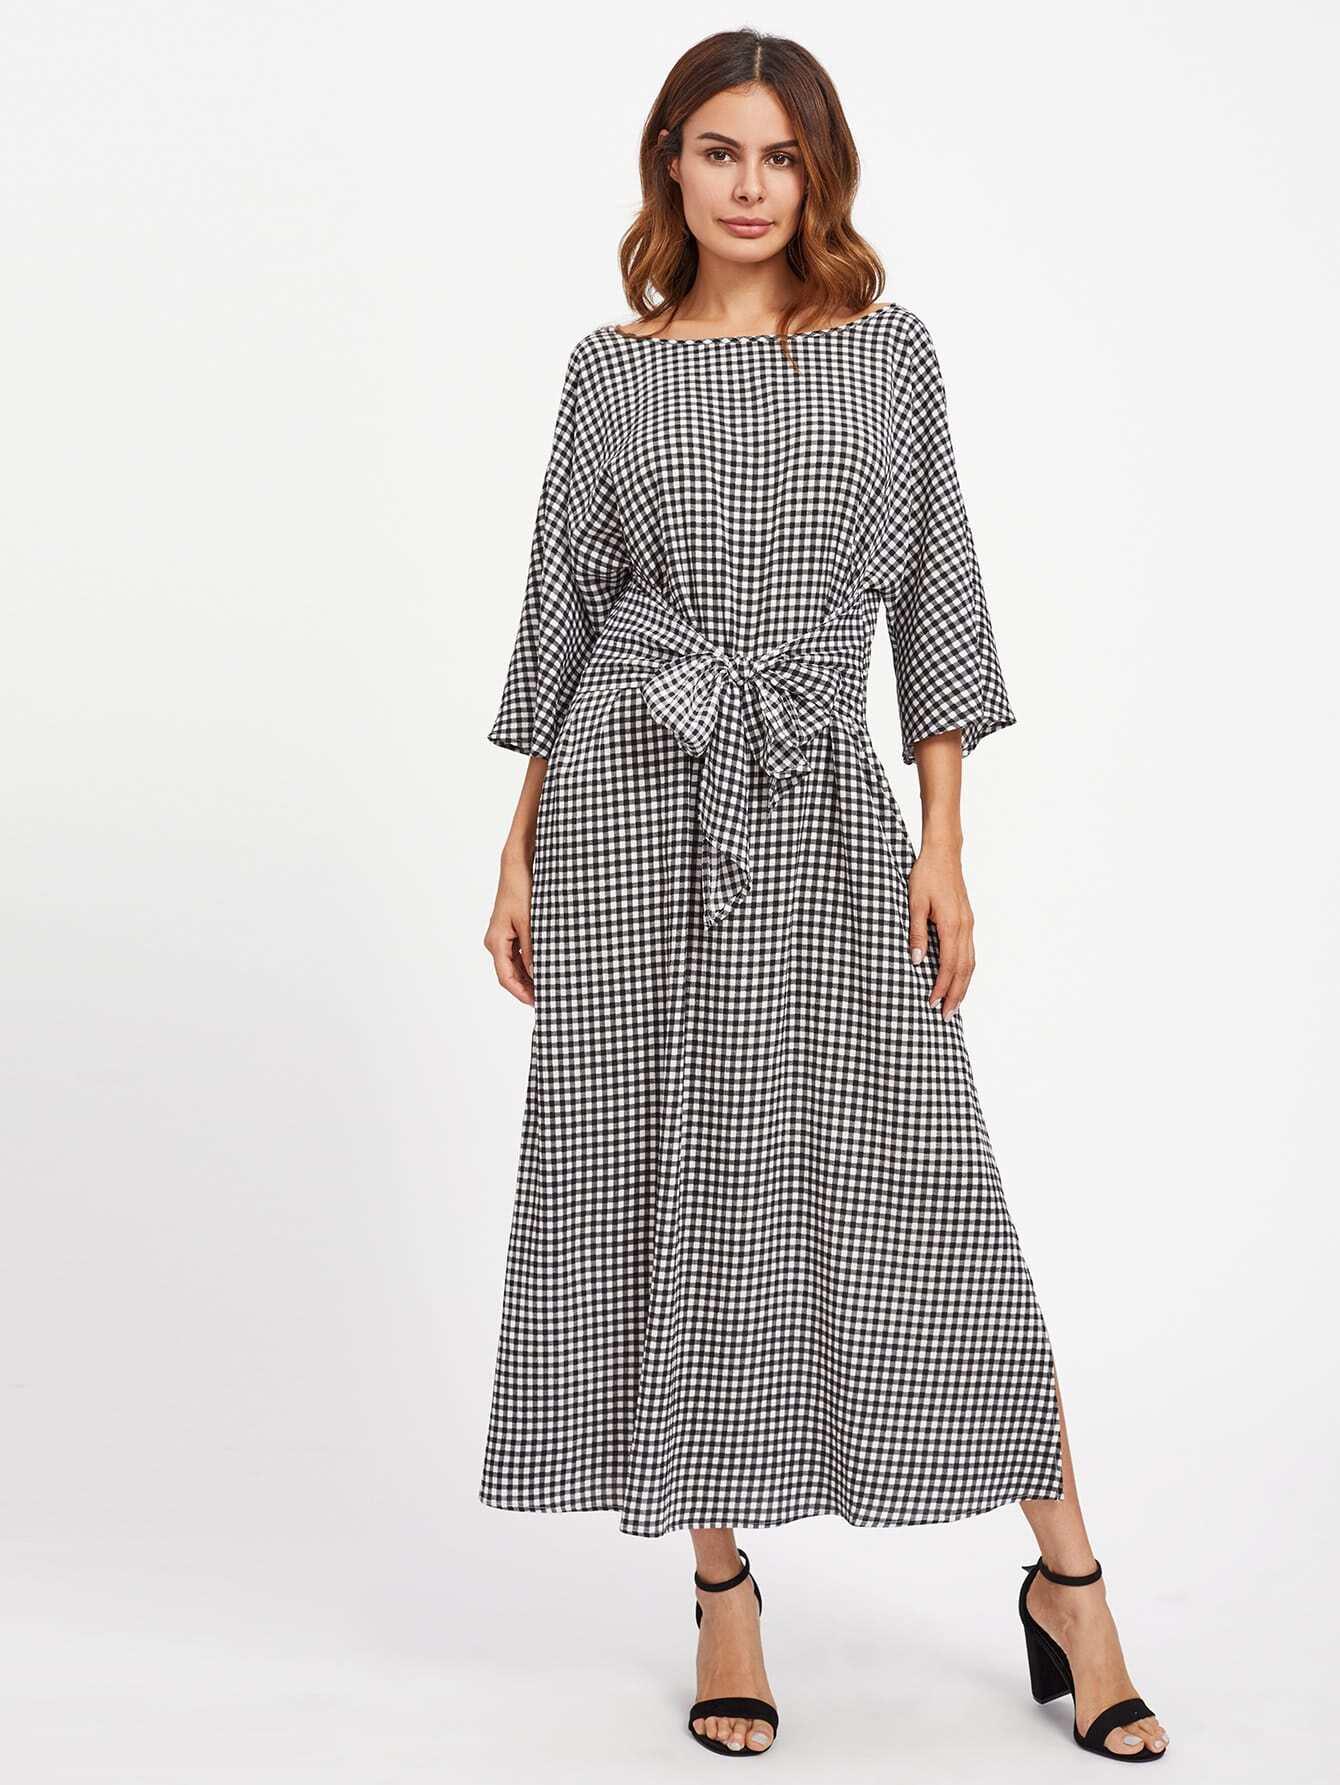 Image of Bow Tie V Back Slit Gingham Dress